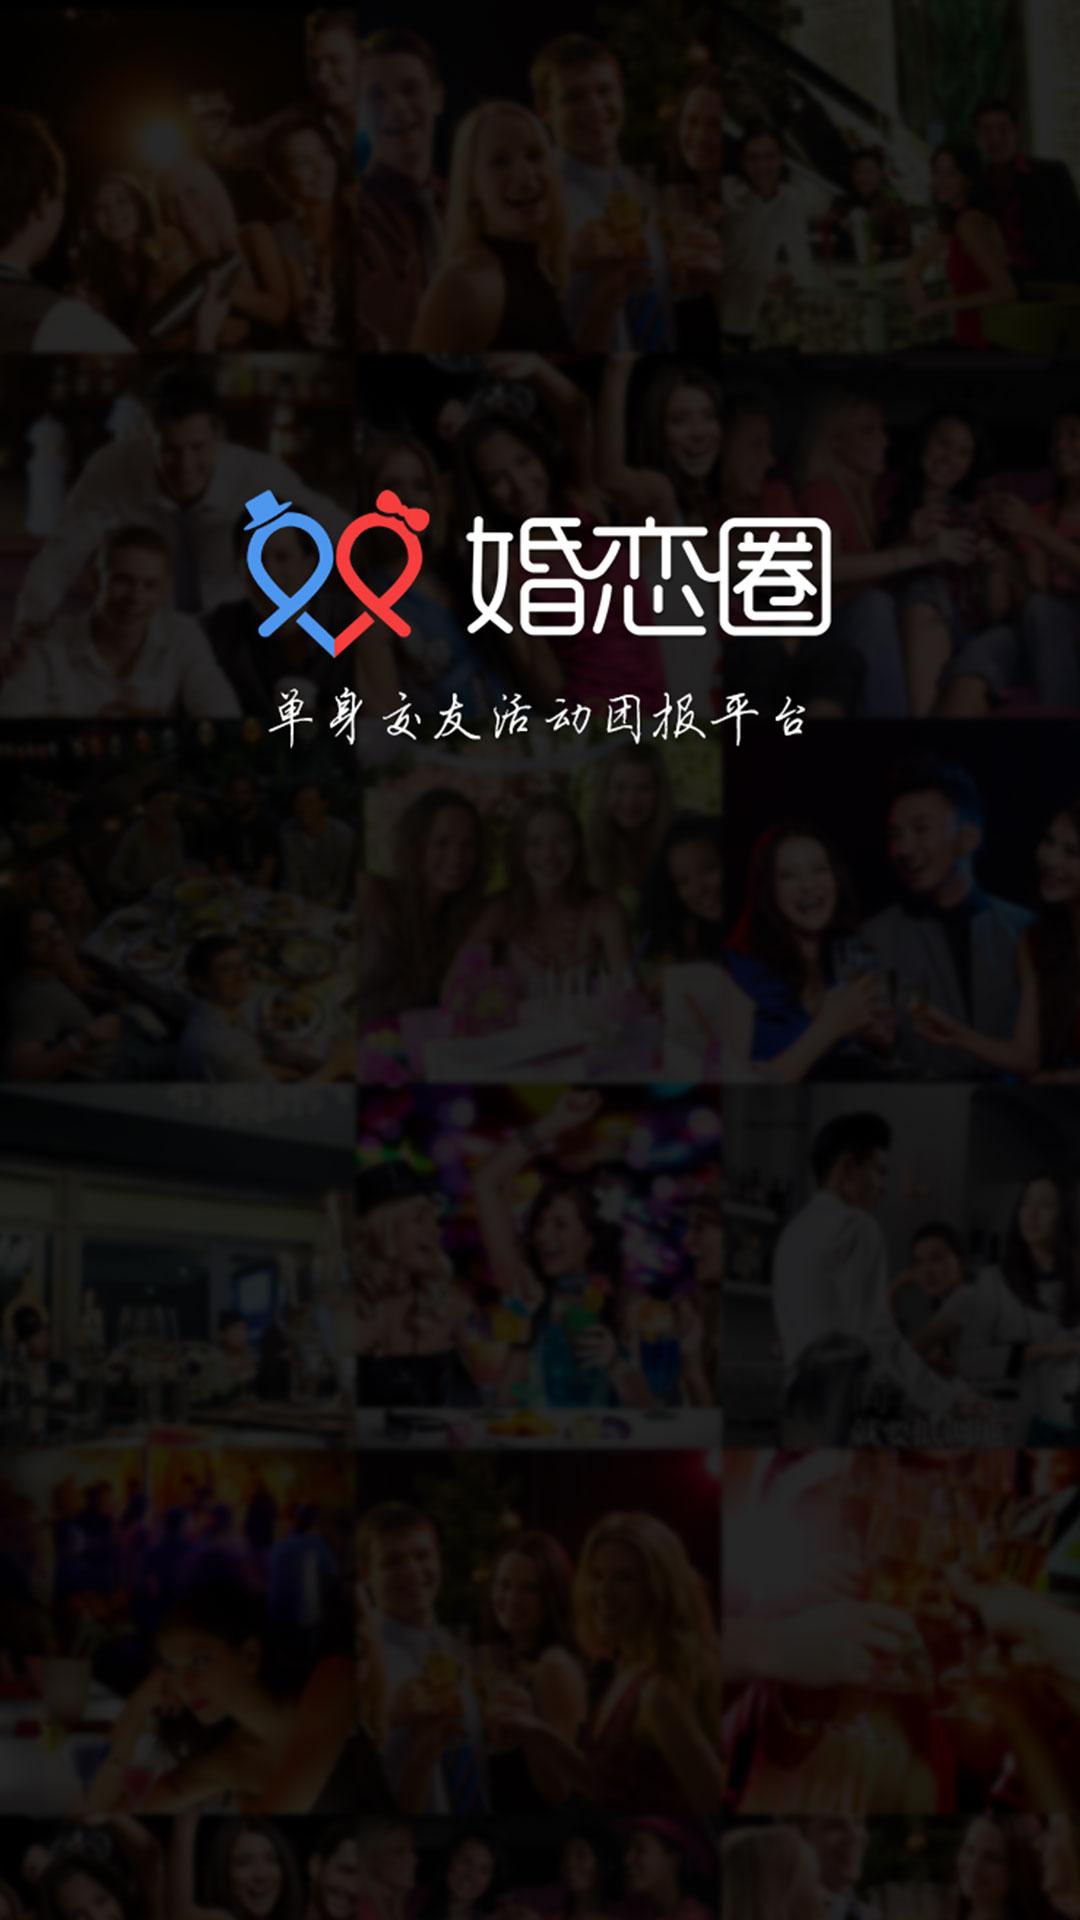 婚恋圈 V2.1.8 安卓版截图2